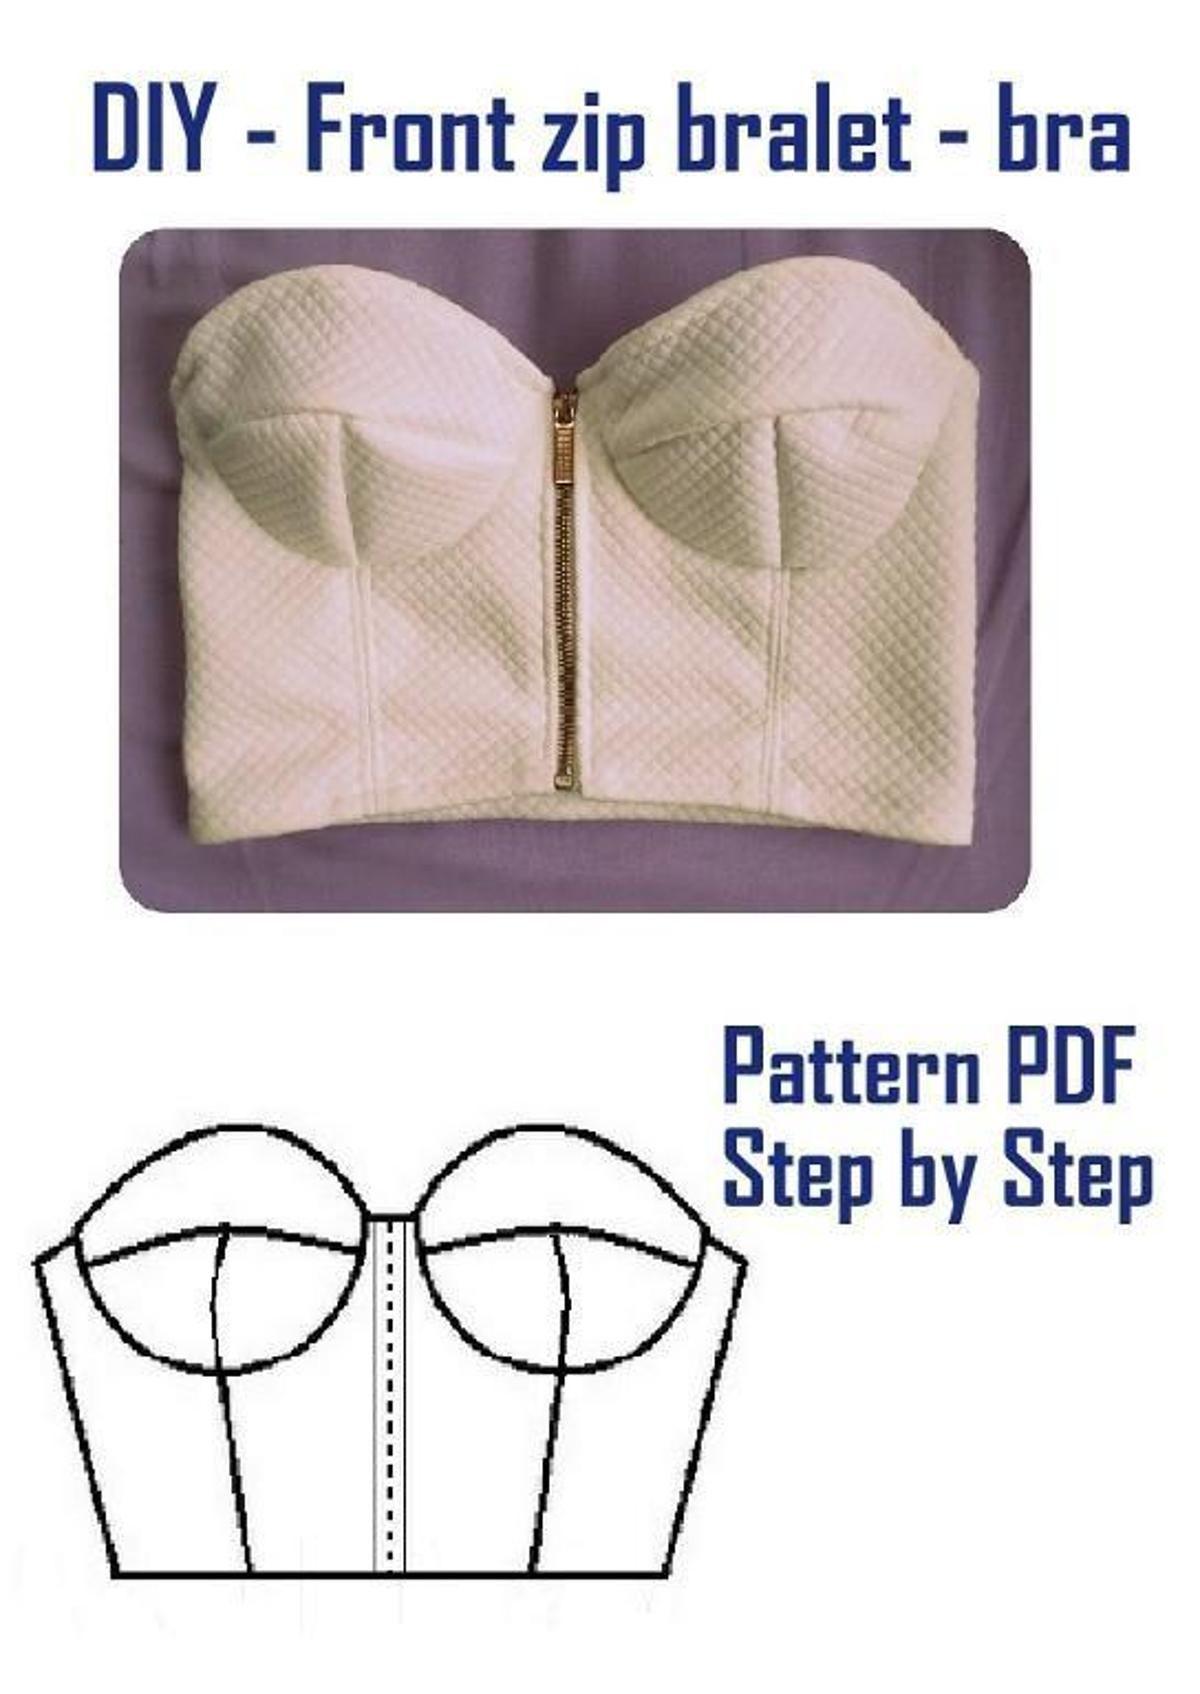 Front Zip Bralet - Bra by Libellulaa | Costura, Proyectos de costura ...